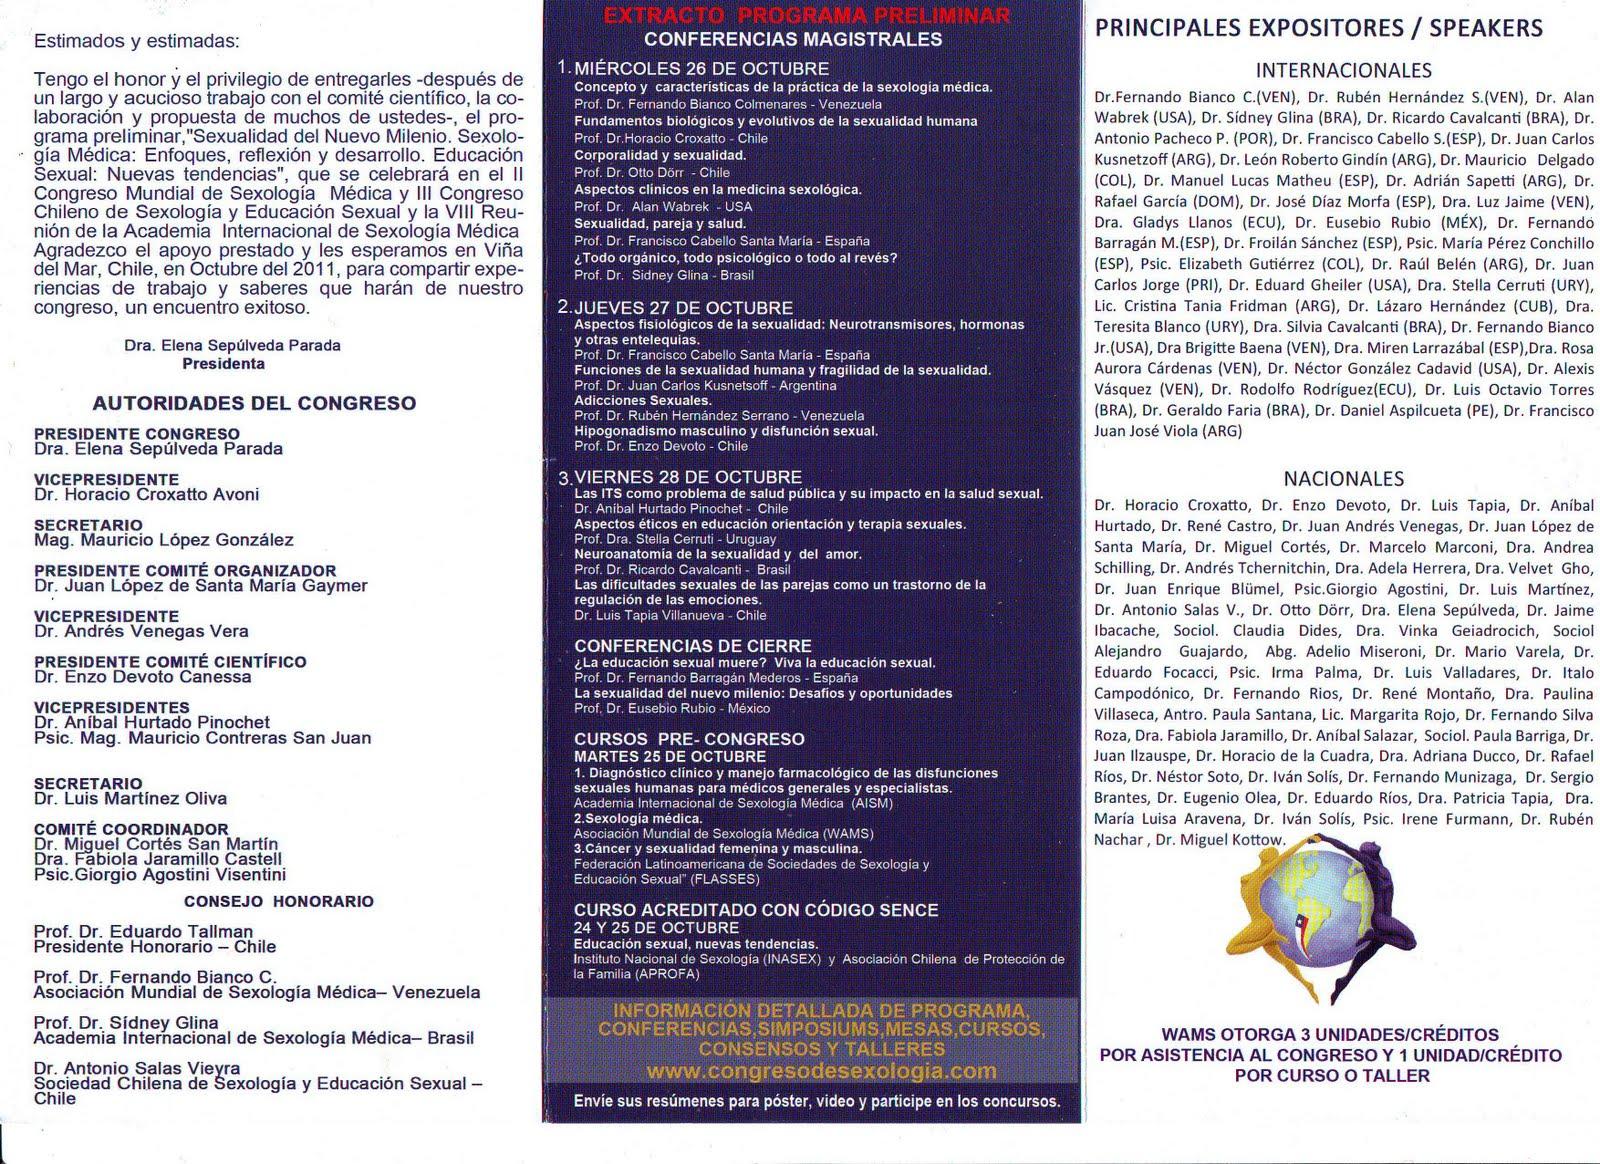 Sociedad Chilena de Sexología y Educación Sexual: 2011